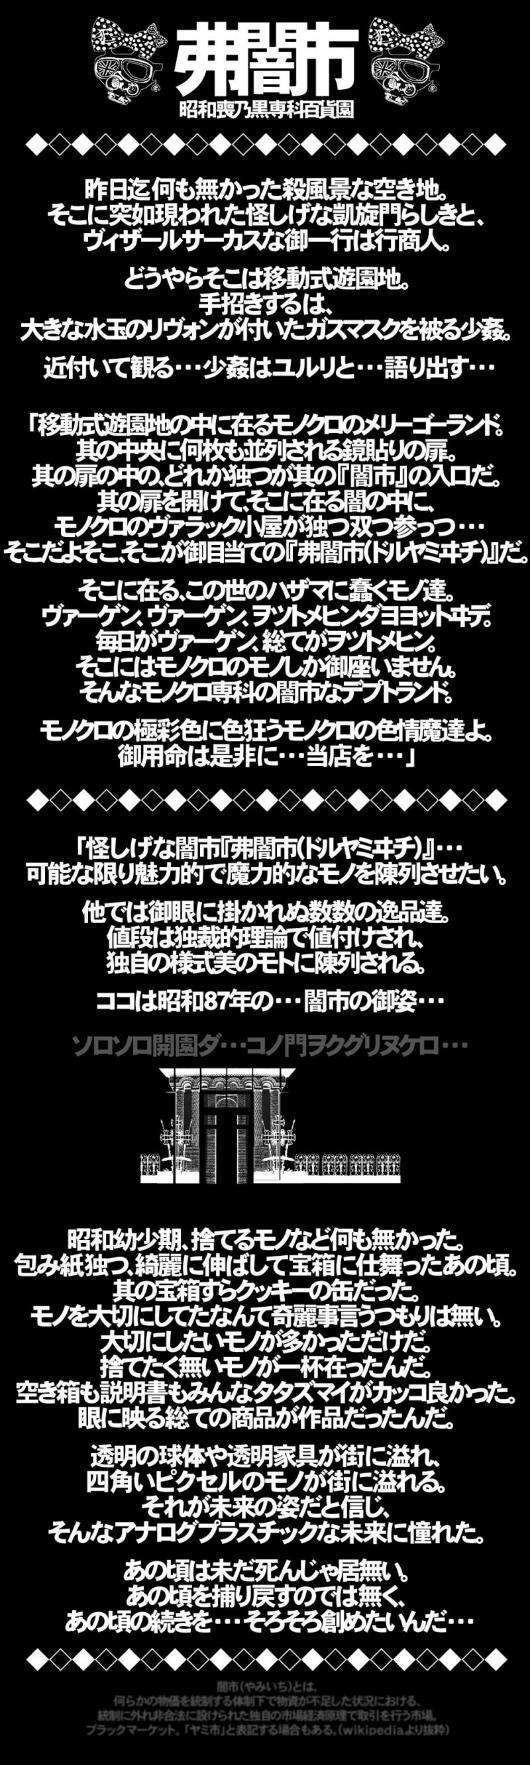 】】】眼球古(メダマコ)333【【【 の★ピグプリケっ★since20100707-tovila